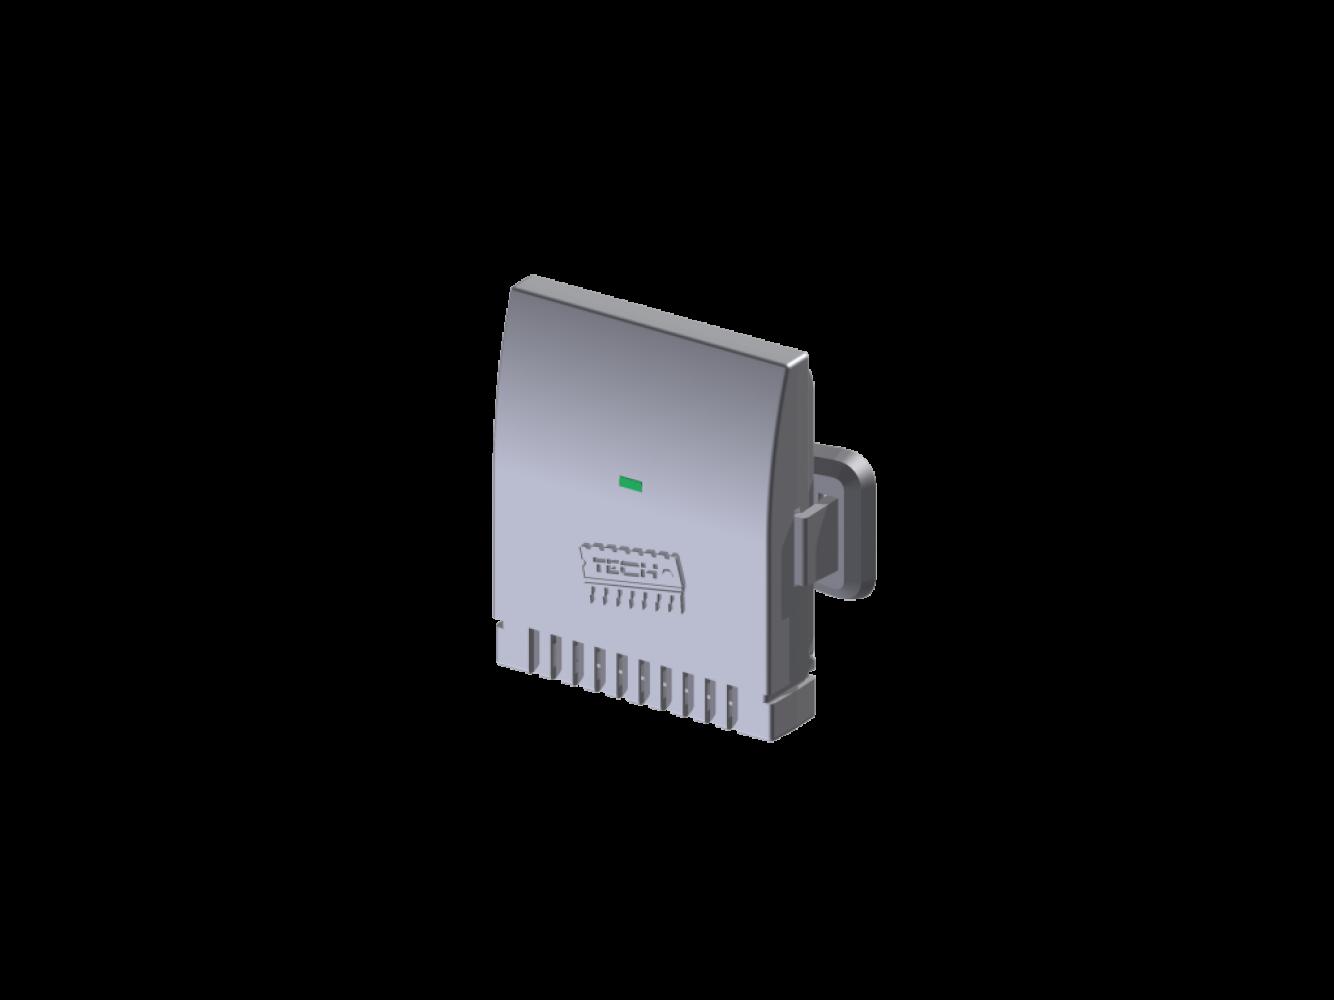 Беспроводной датчик наружной температуры Tech C-8 zr фото товара